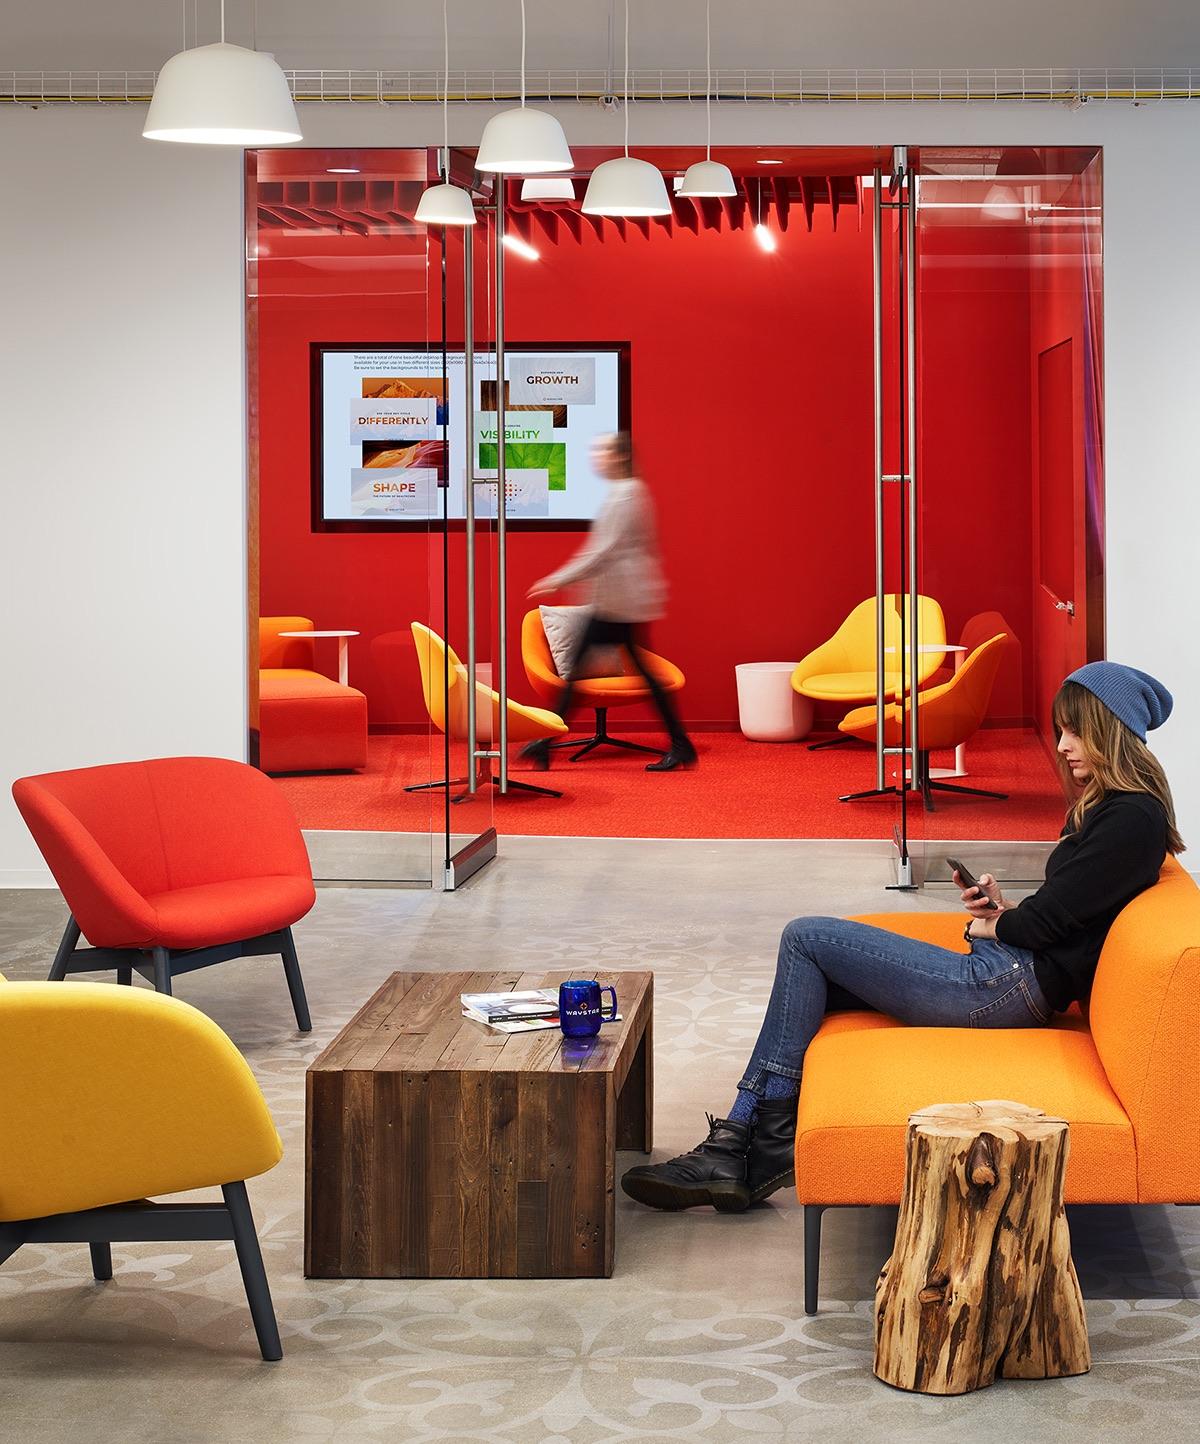 高端办公空间设计的组成部分是什么?